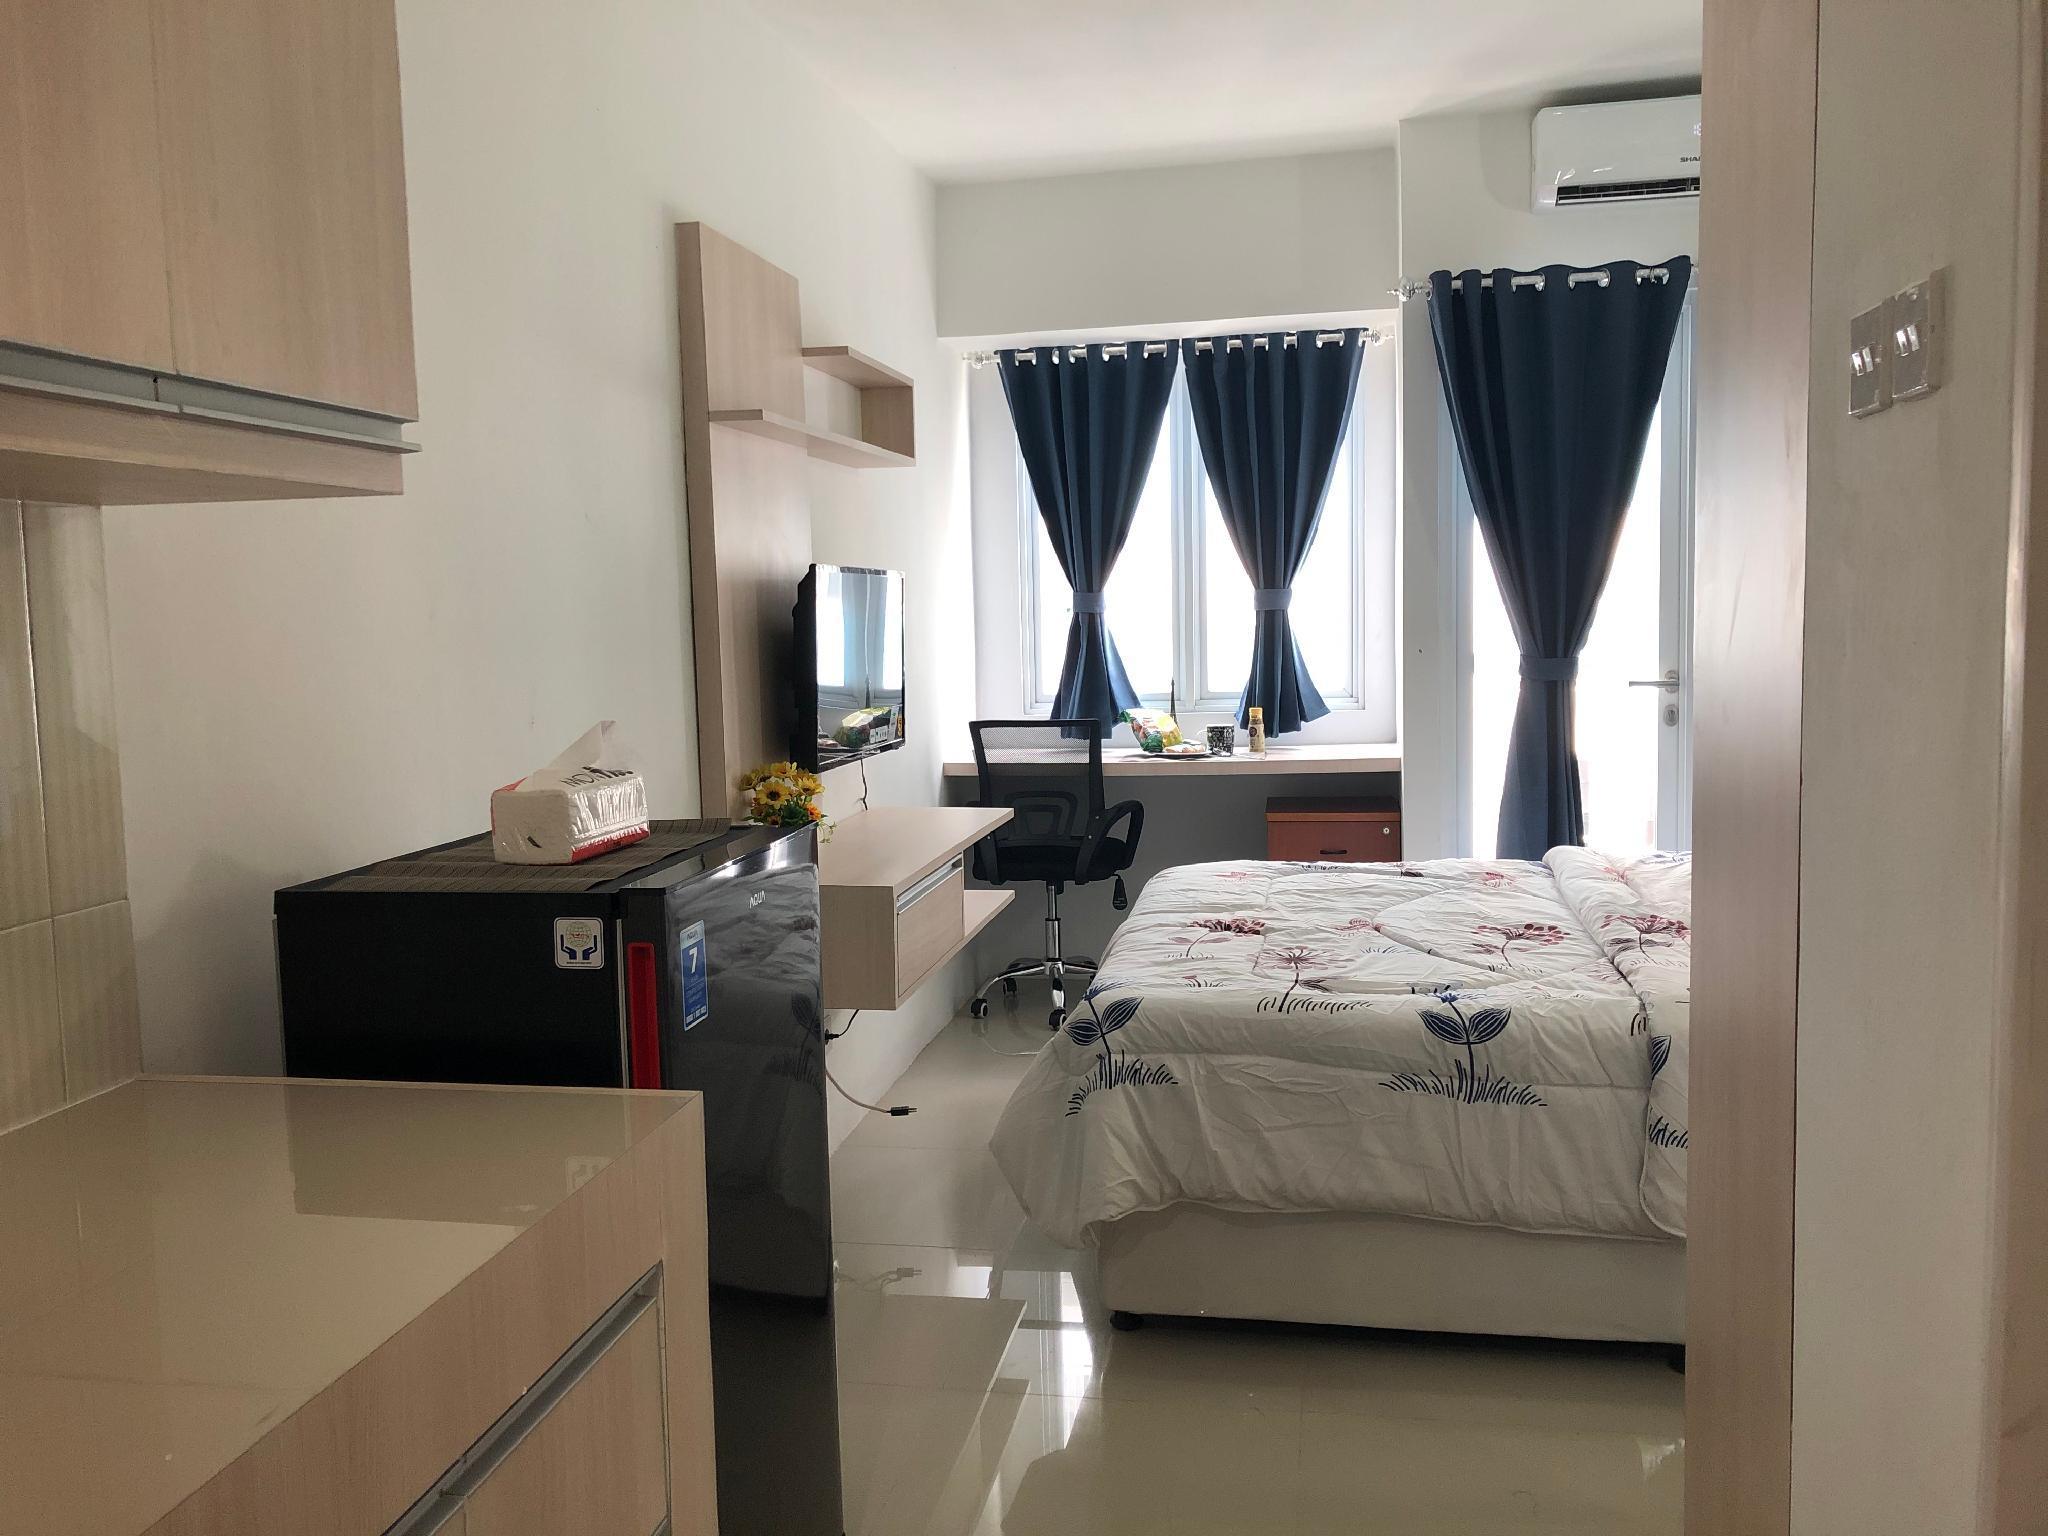 Apartemen  di pusat kota karawang